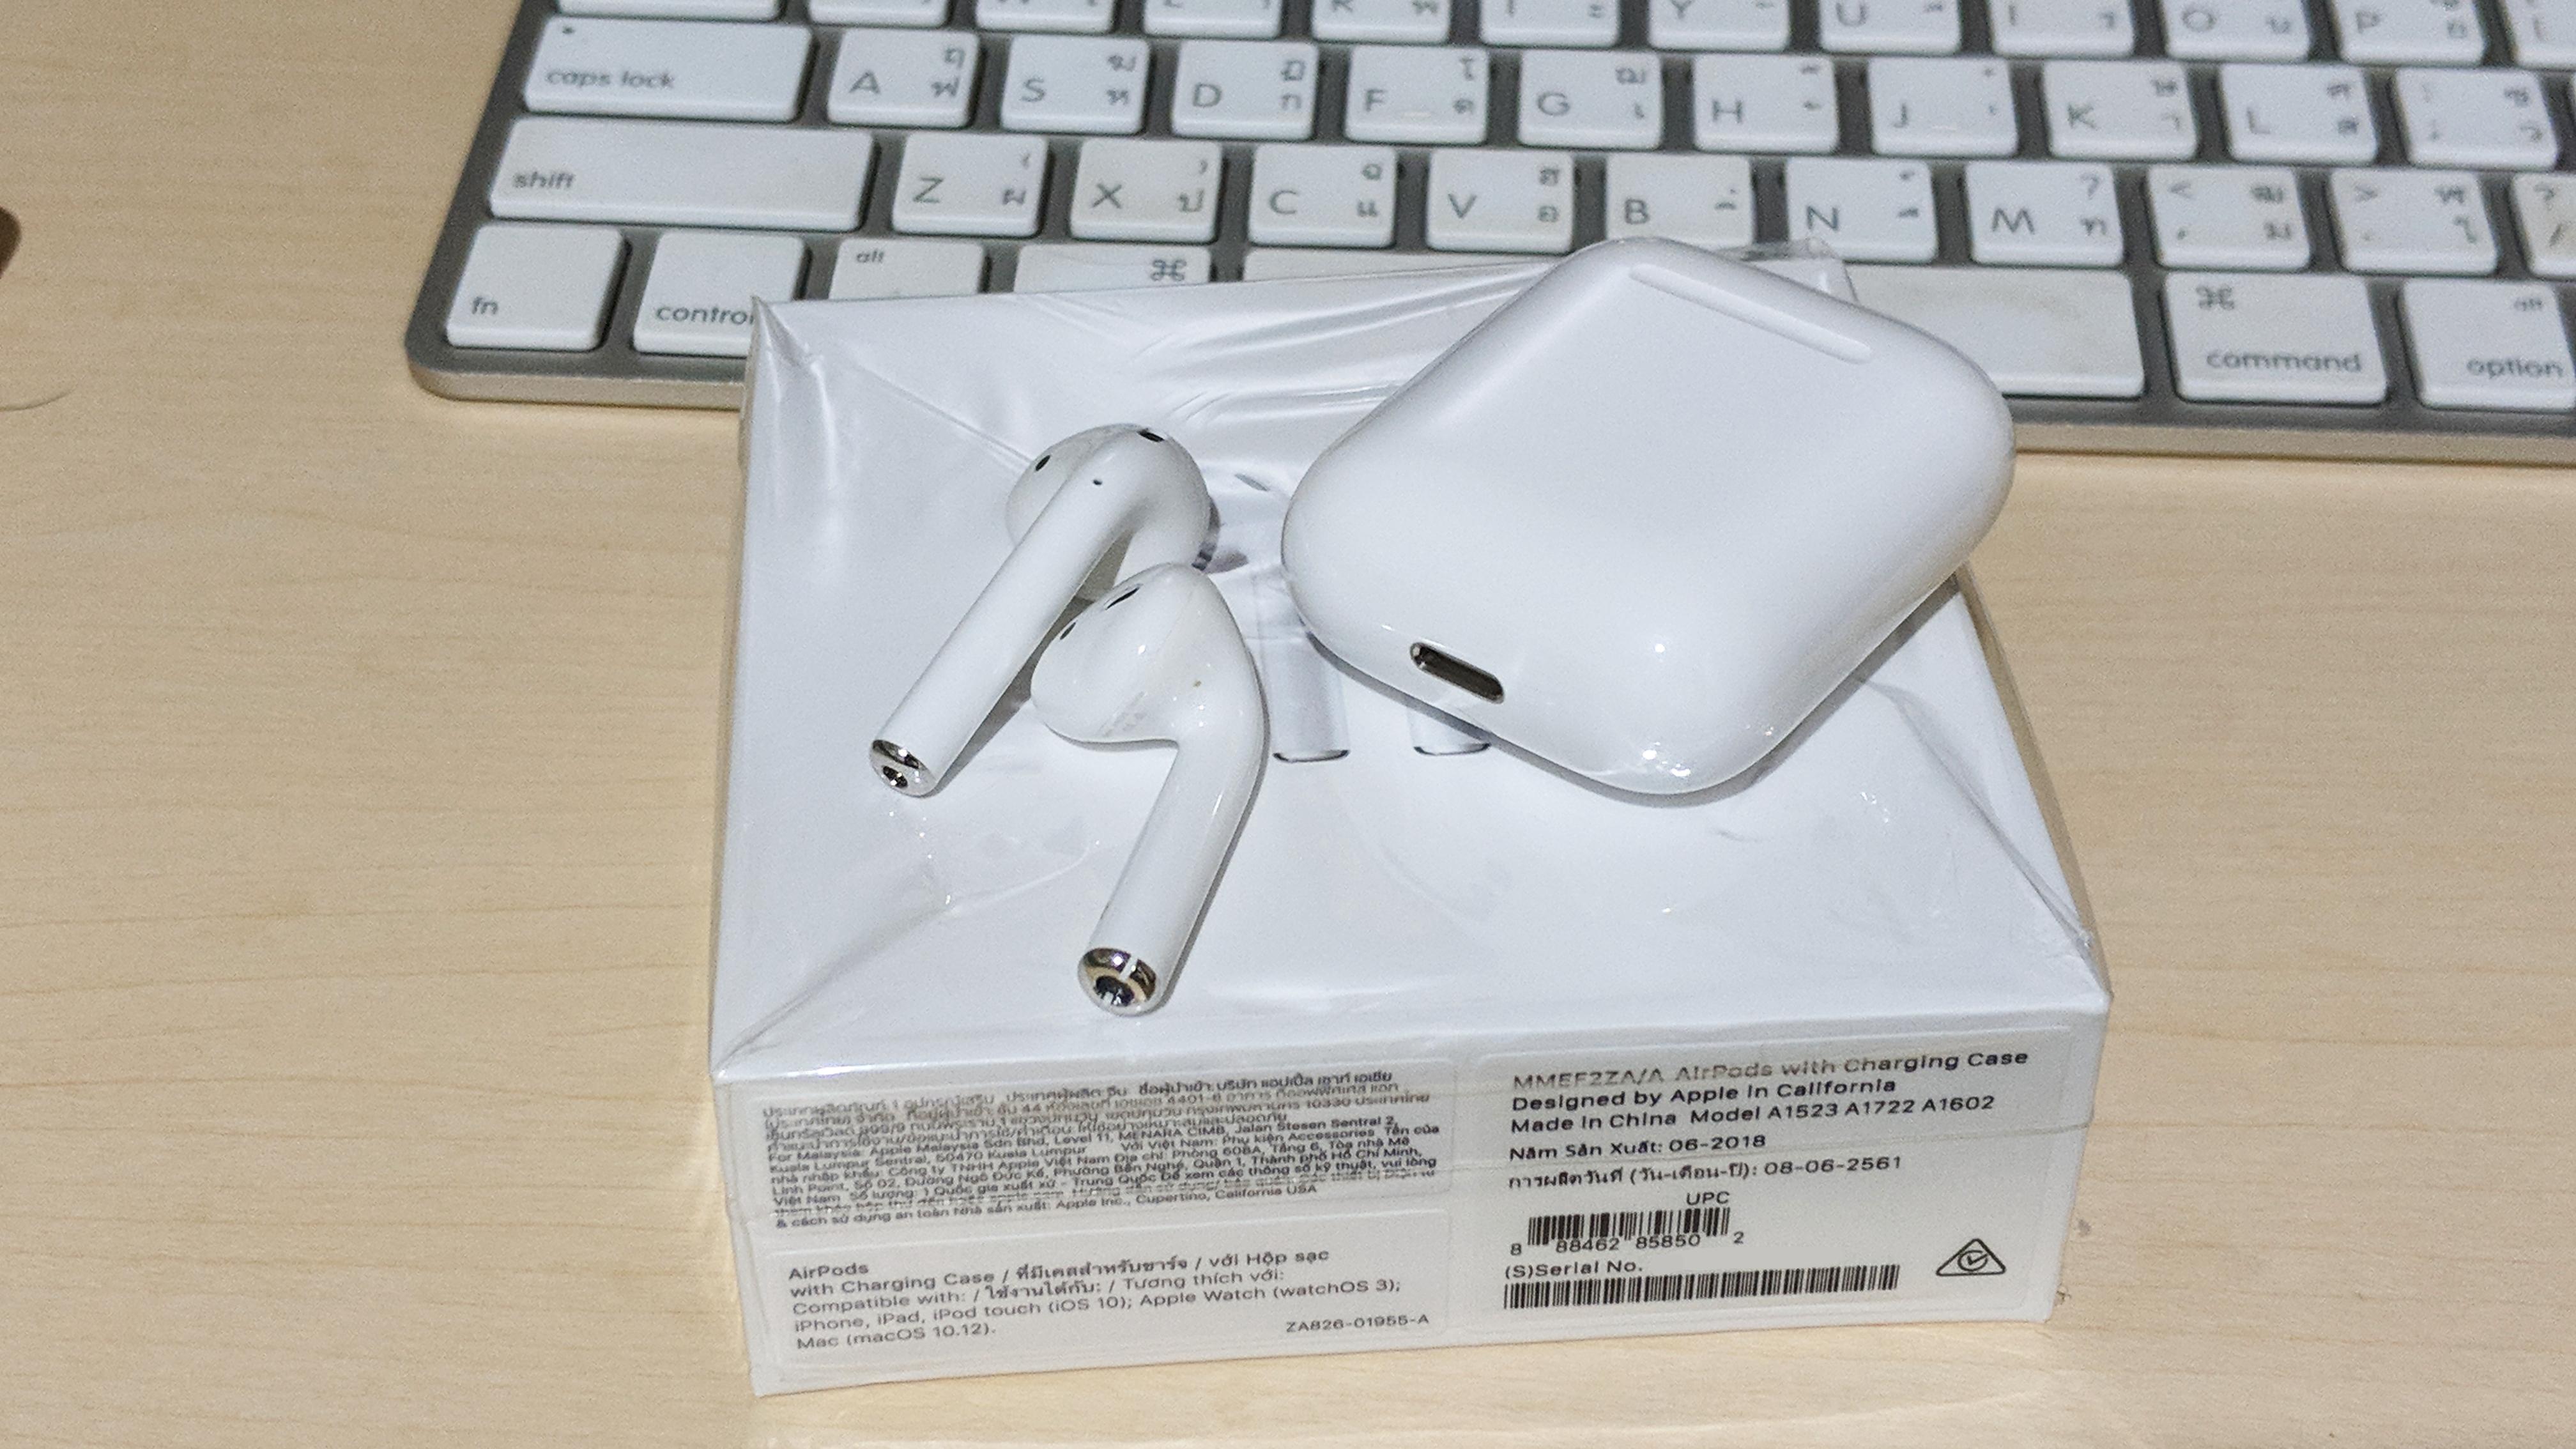 รีวิว Apple AirPods หูฟังเสียงงั้น ๆ แต่ความสะดวกเอาไป 10 10 10